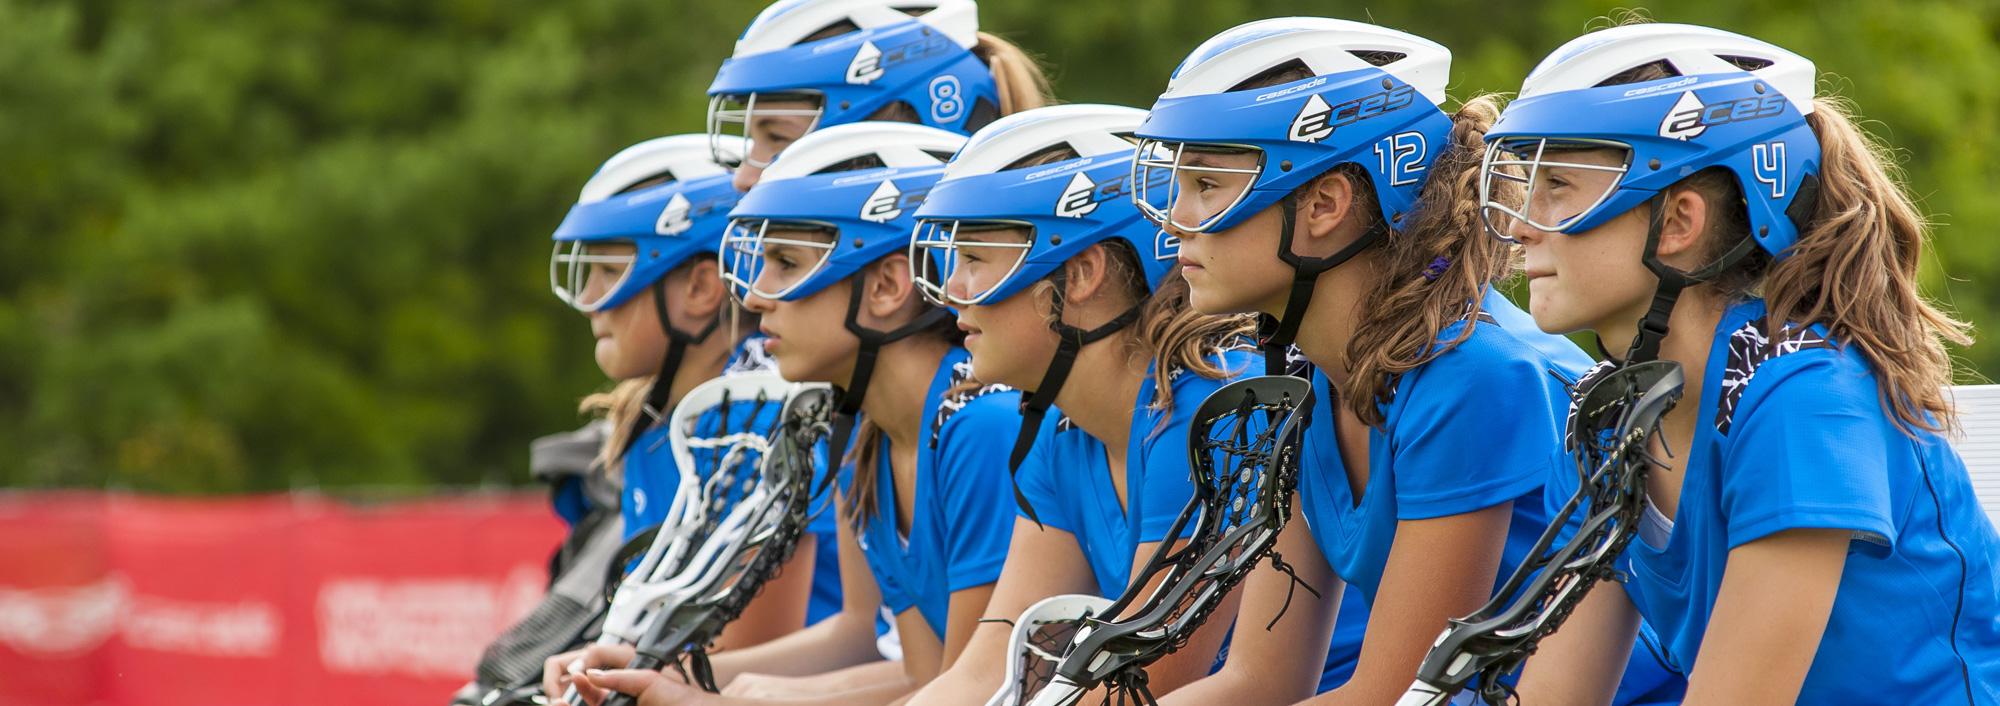 Cascade LX – Women's Lacrosse Headgear